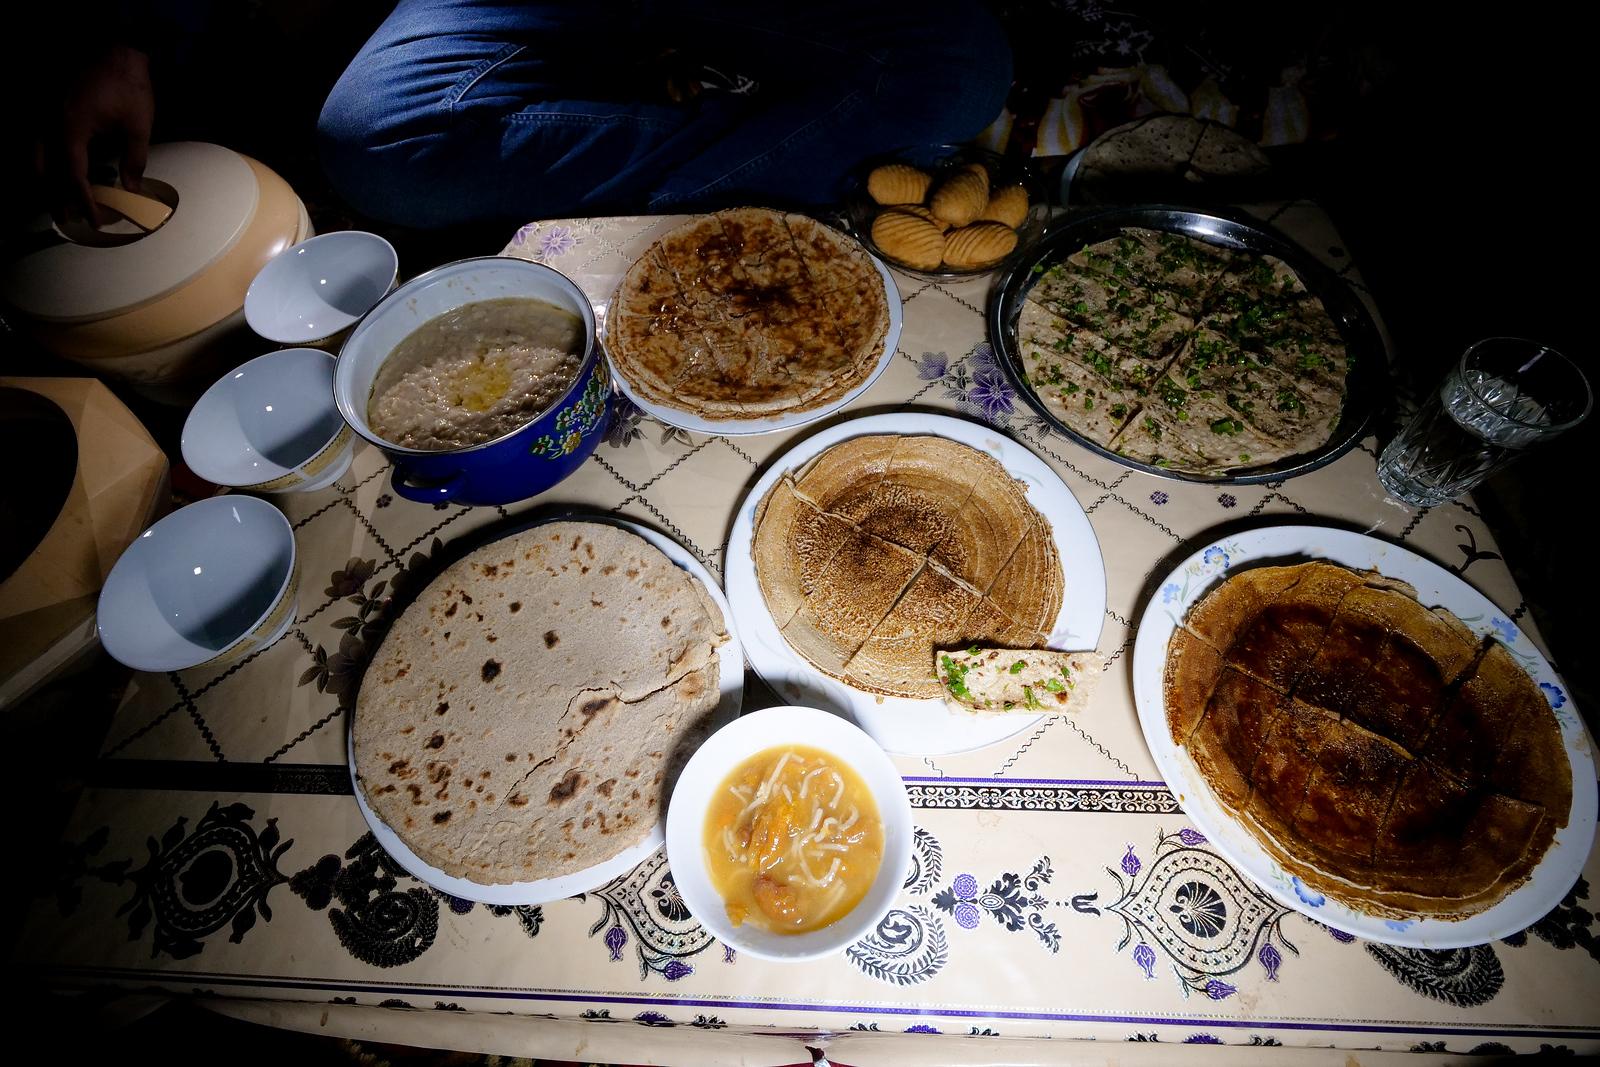 正宗和当地美食在吉尔吉特 - 巴尔蒂斯坦